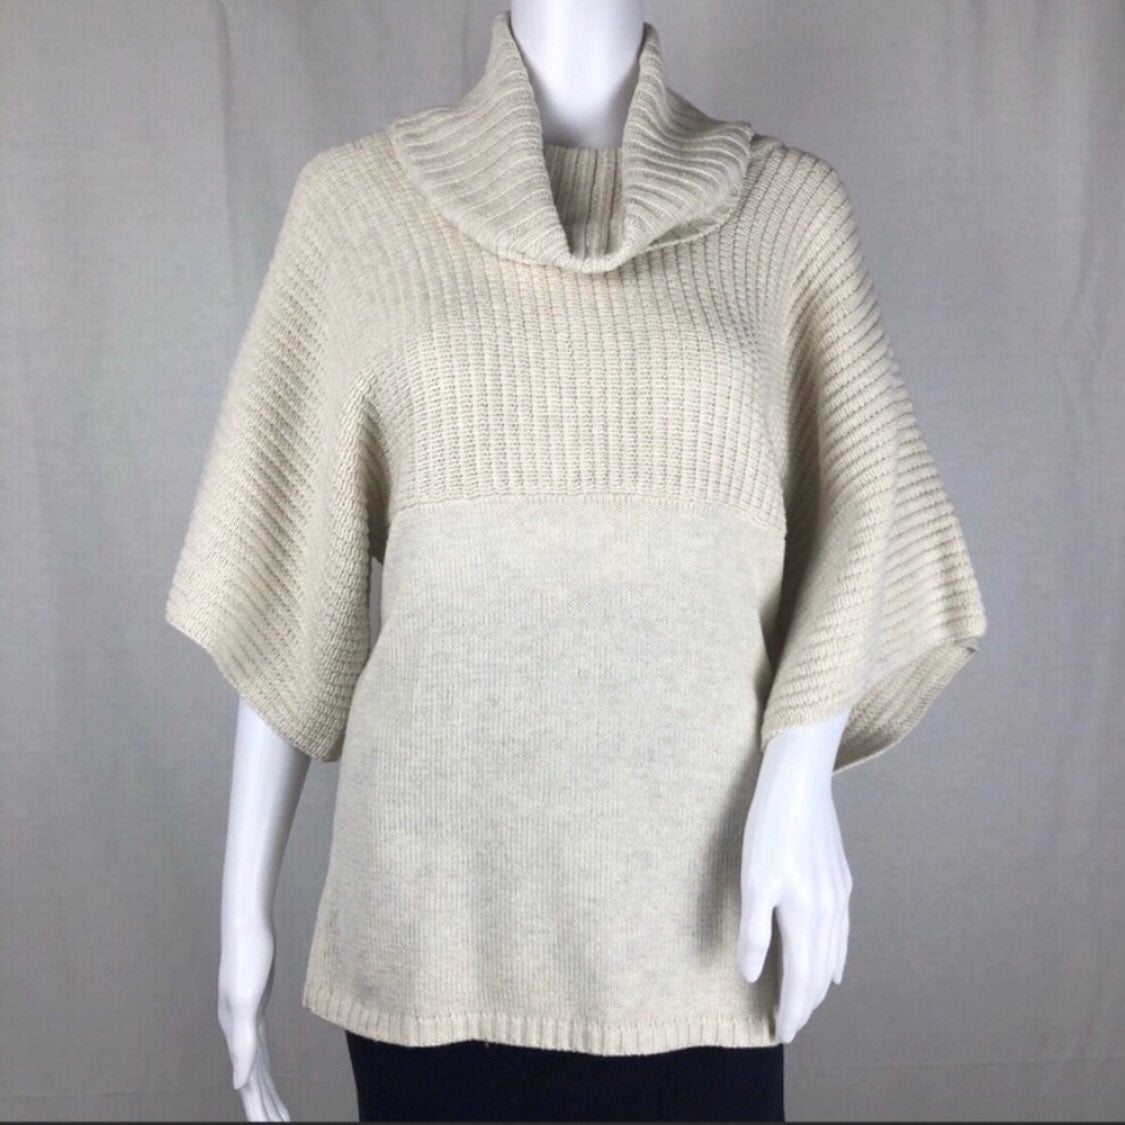 BCBG Paris Turtle Neck Sweater Top Size